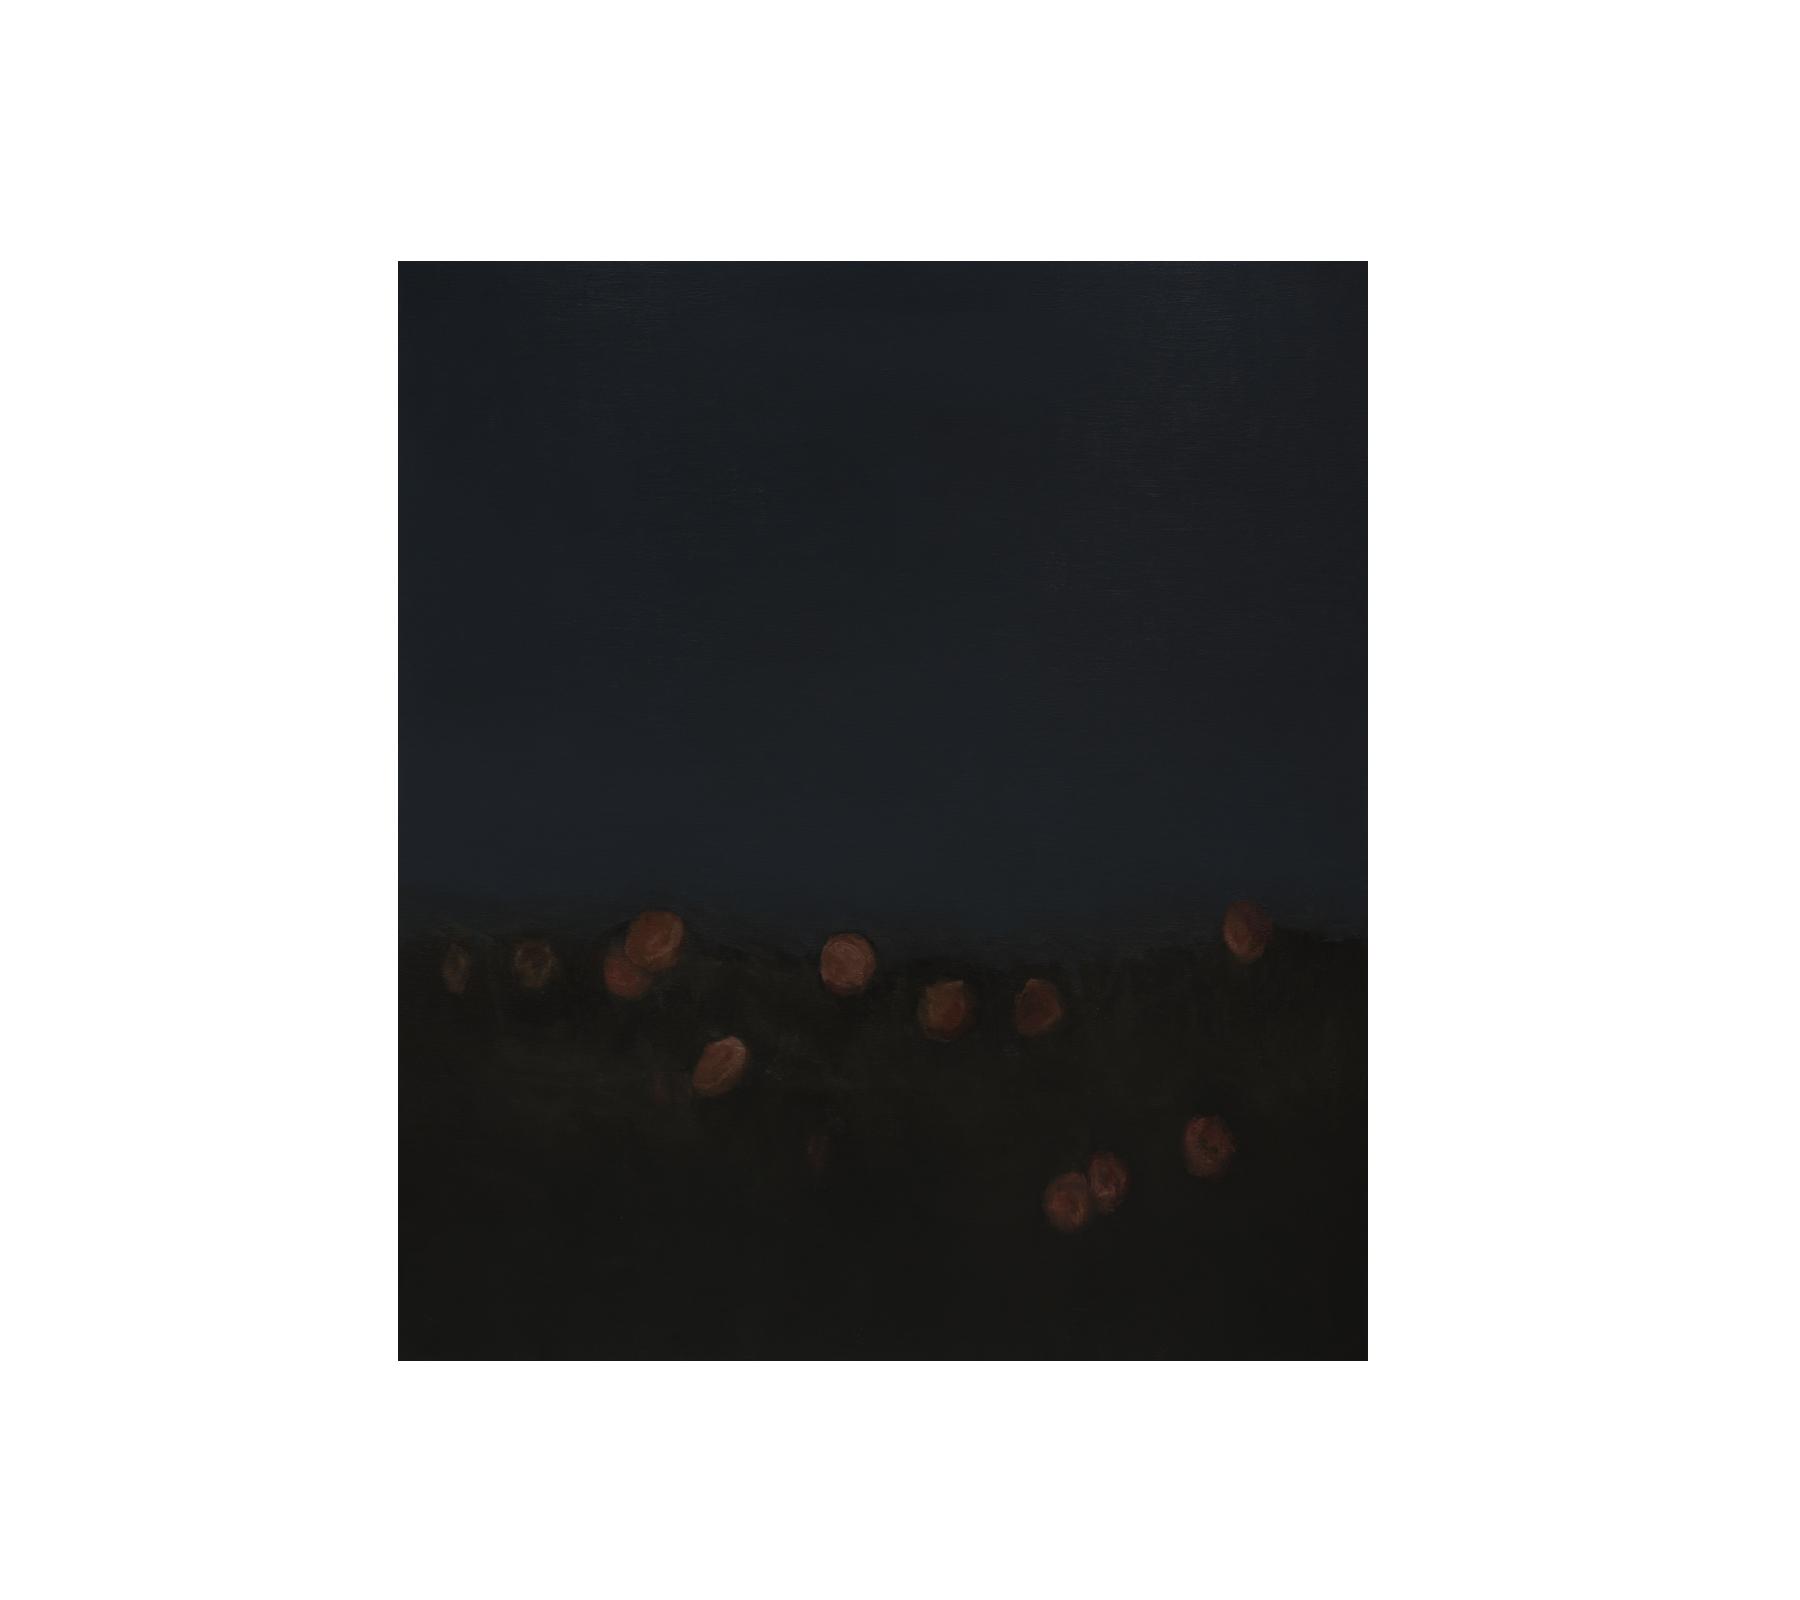 Nightroses 2019 170x150cm